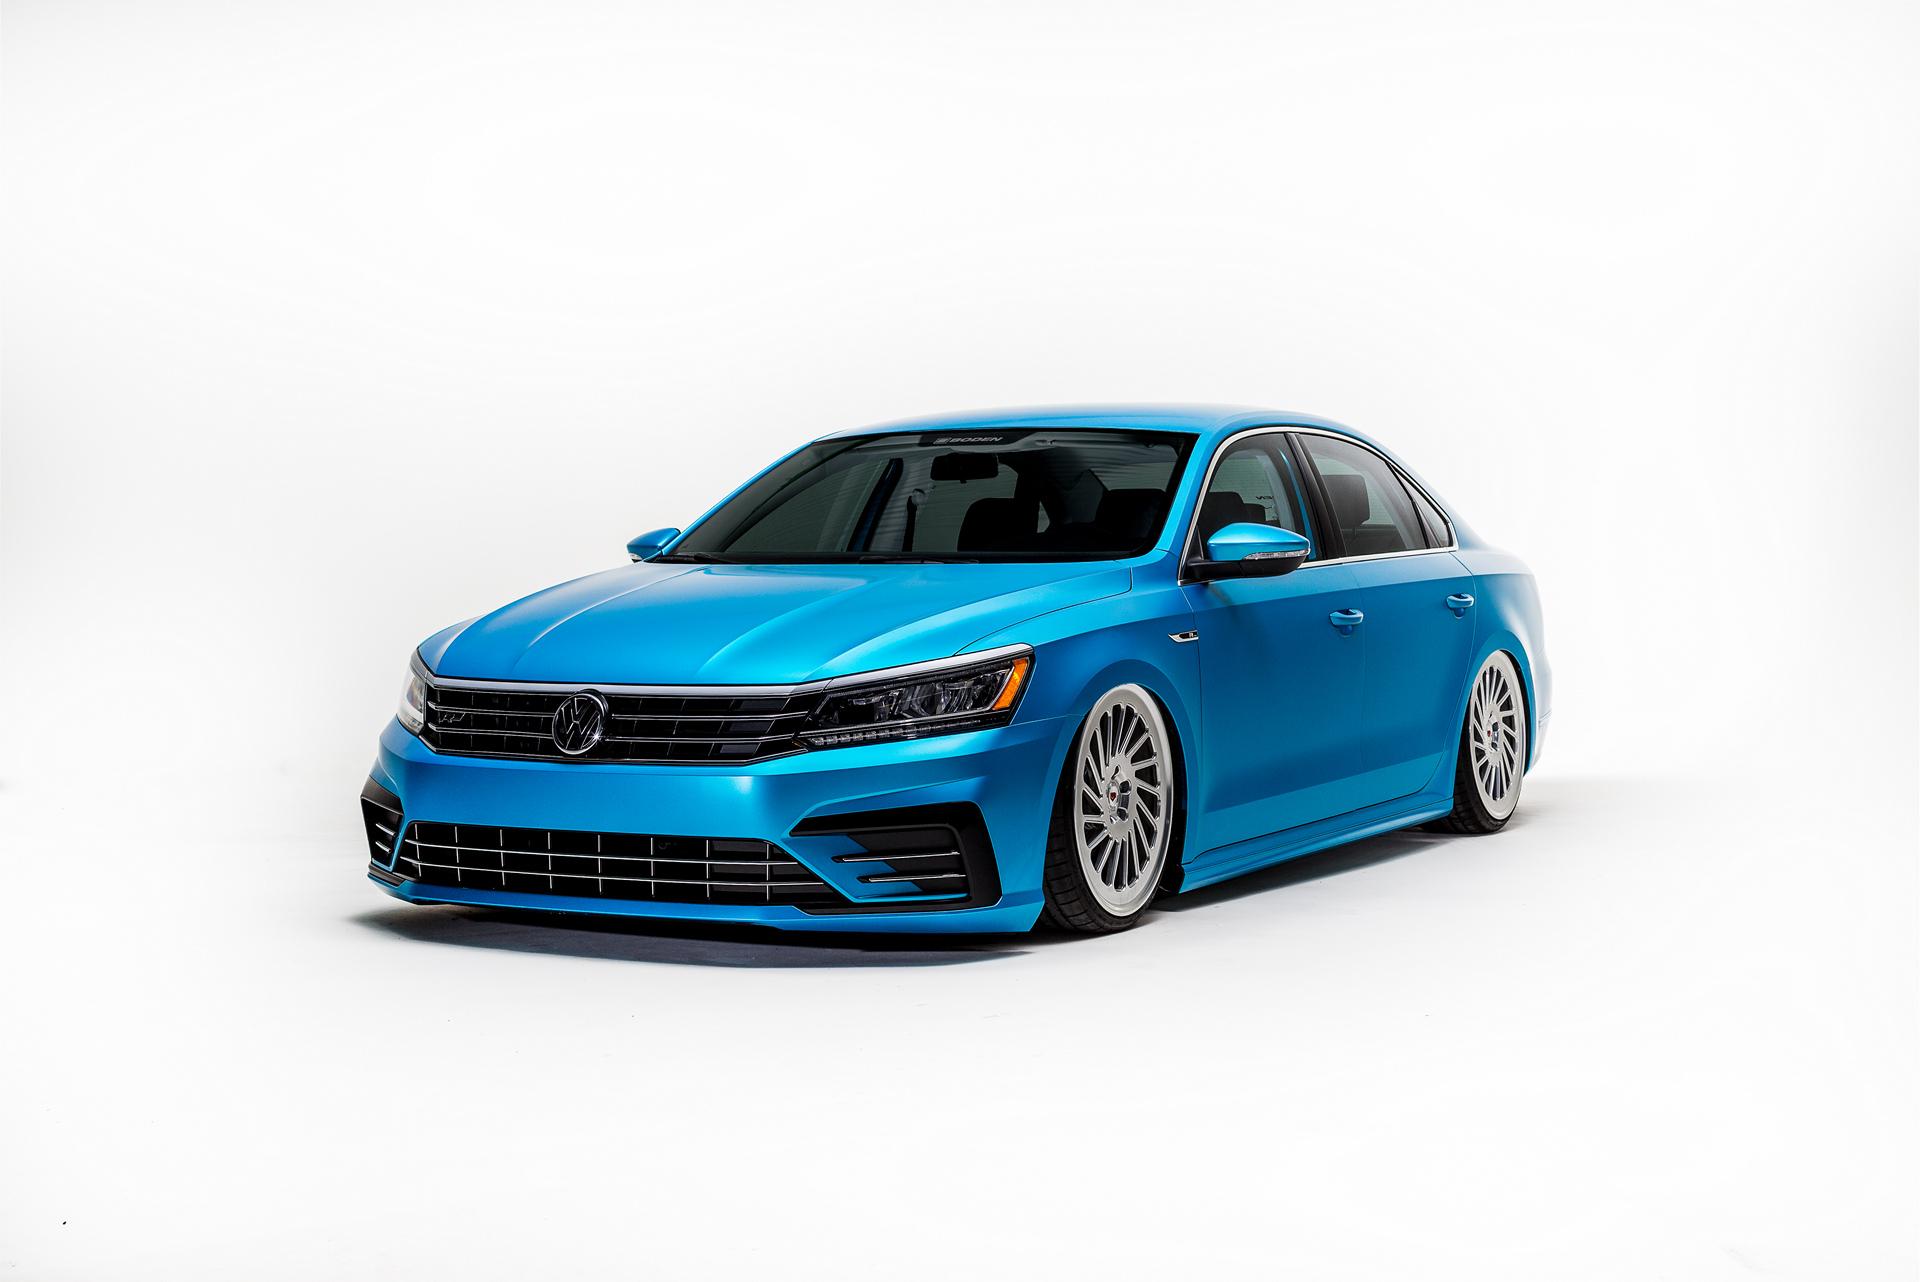 Volkswagen Passat © Volkswagen AG